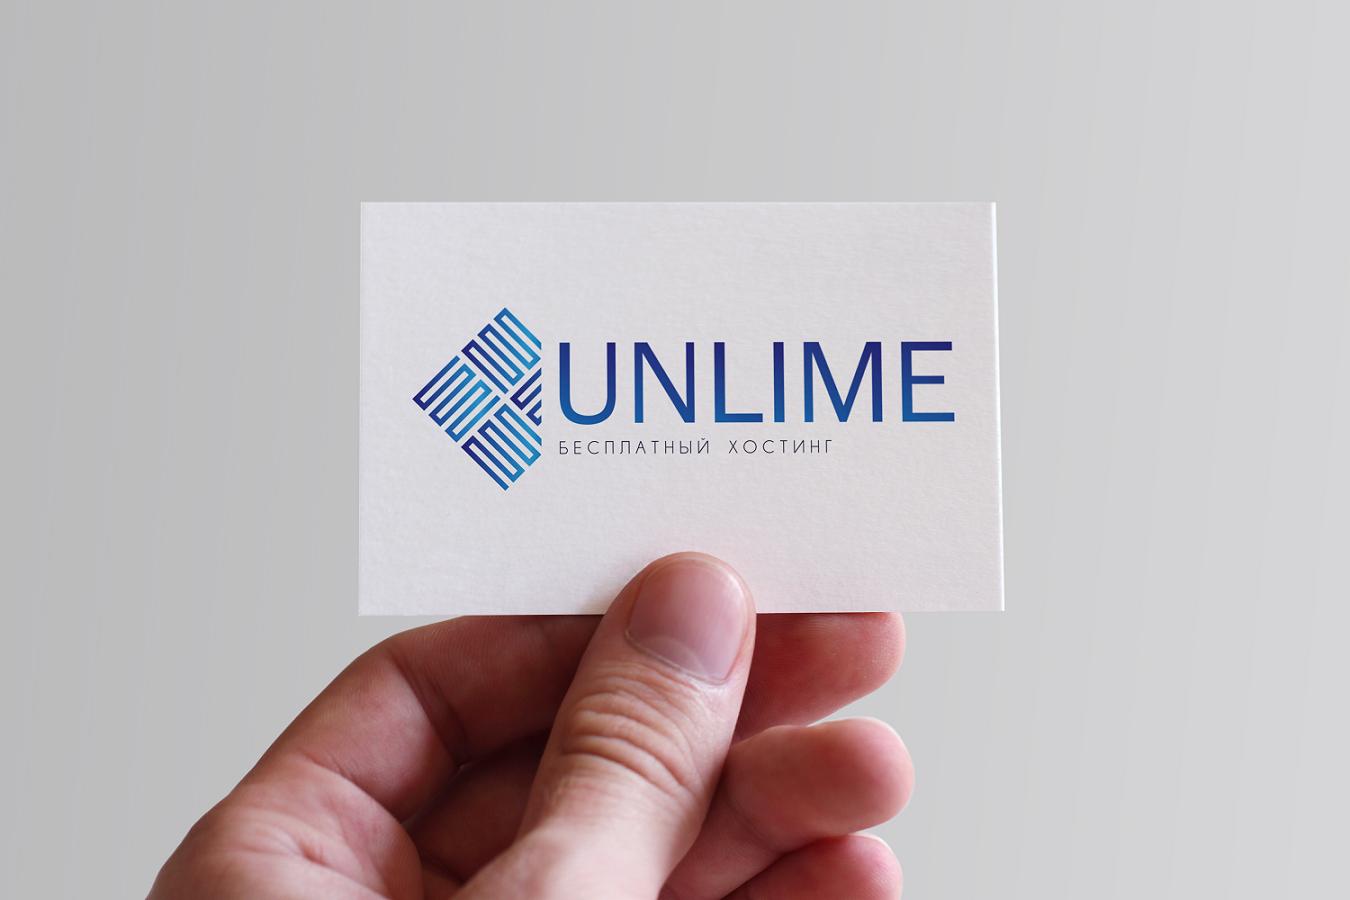 Разработка логотипа и фирменного стиля фото f_98359622a779a62e.png